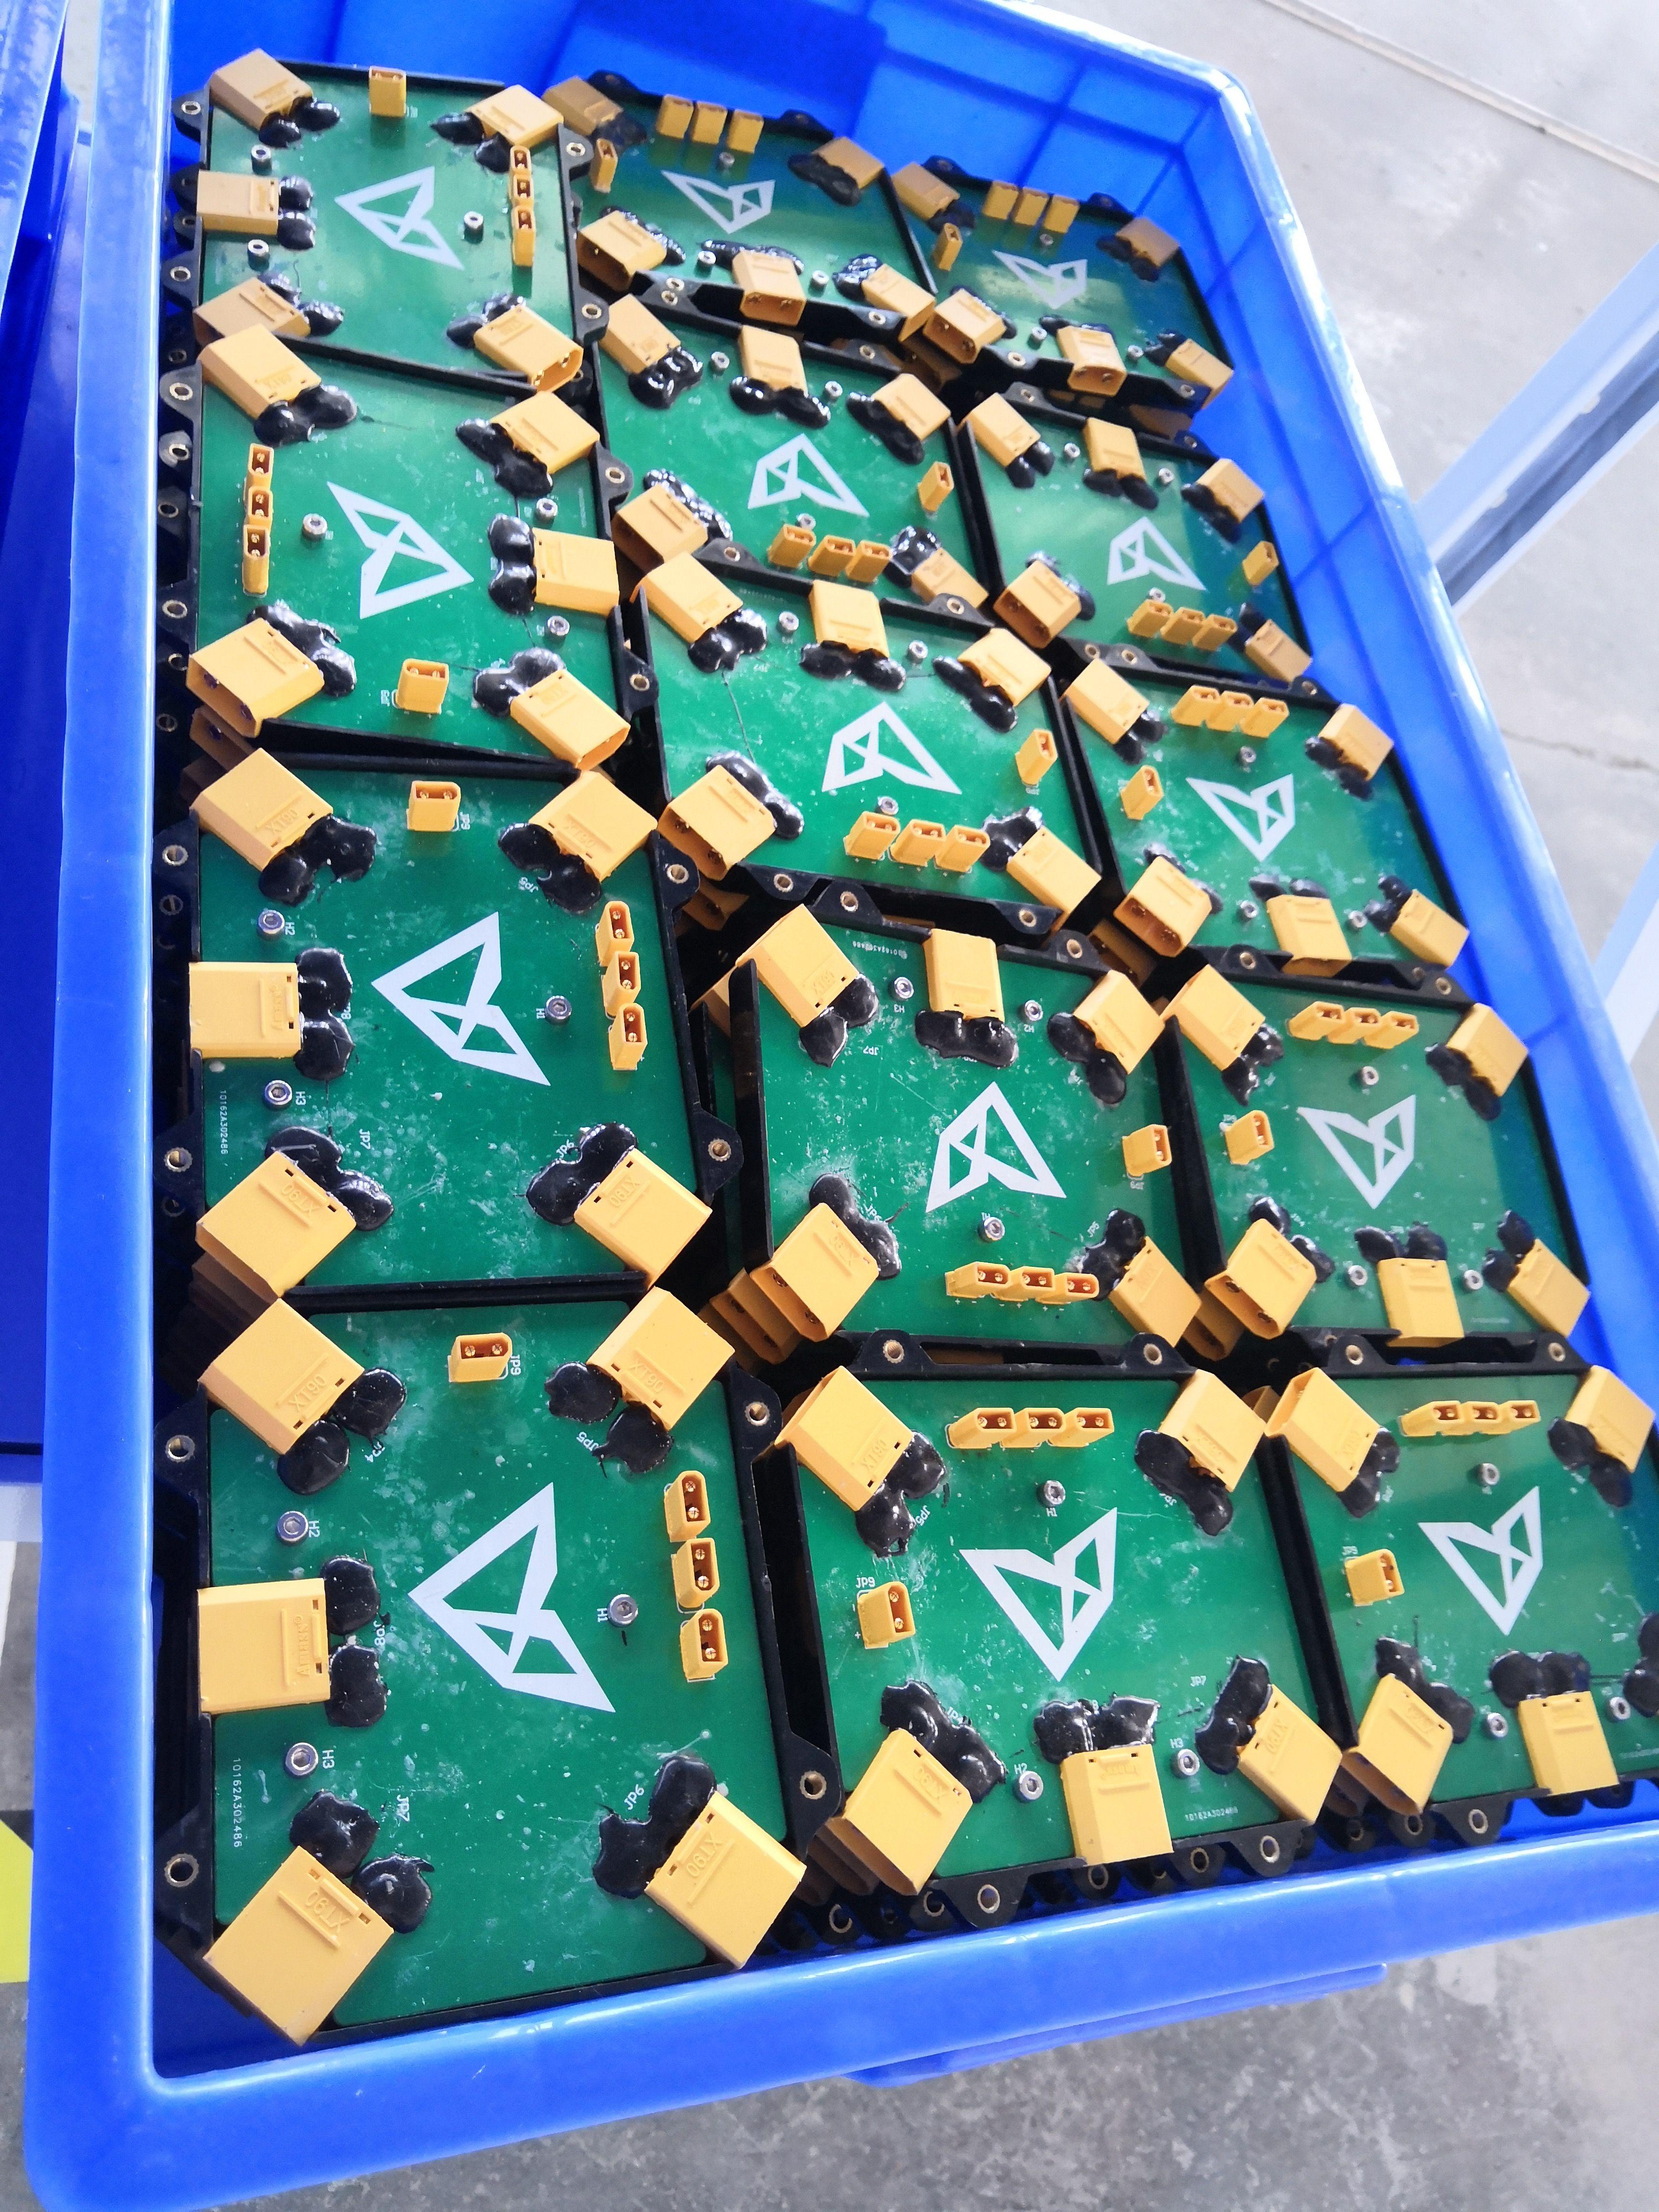 AGR(AGROBOT) is a hightech emerging enterprise